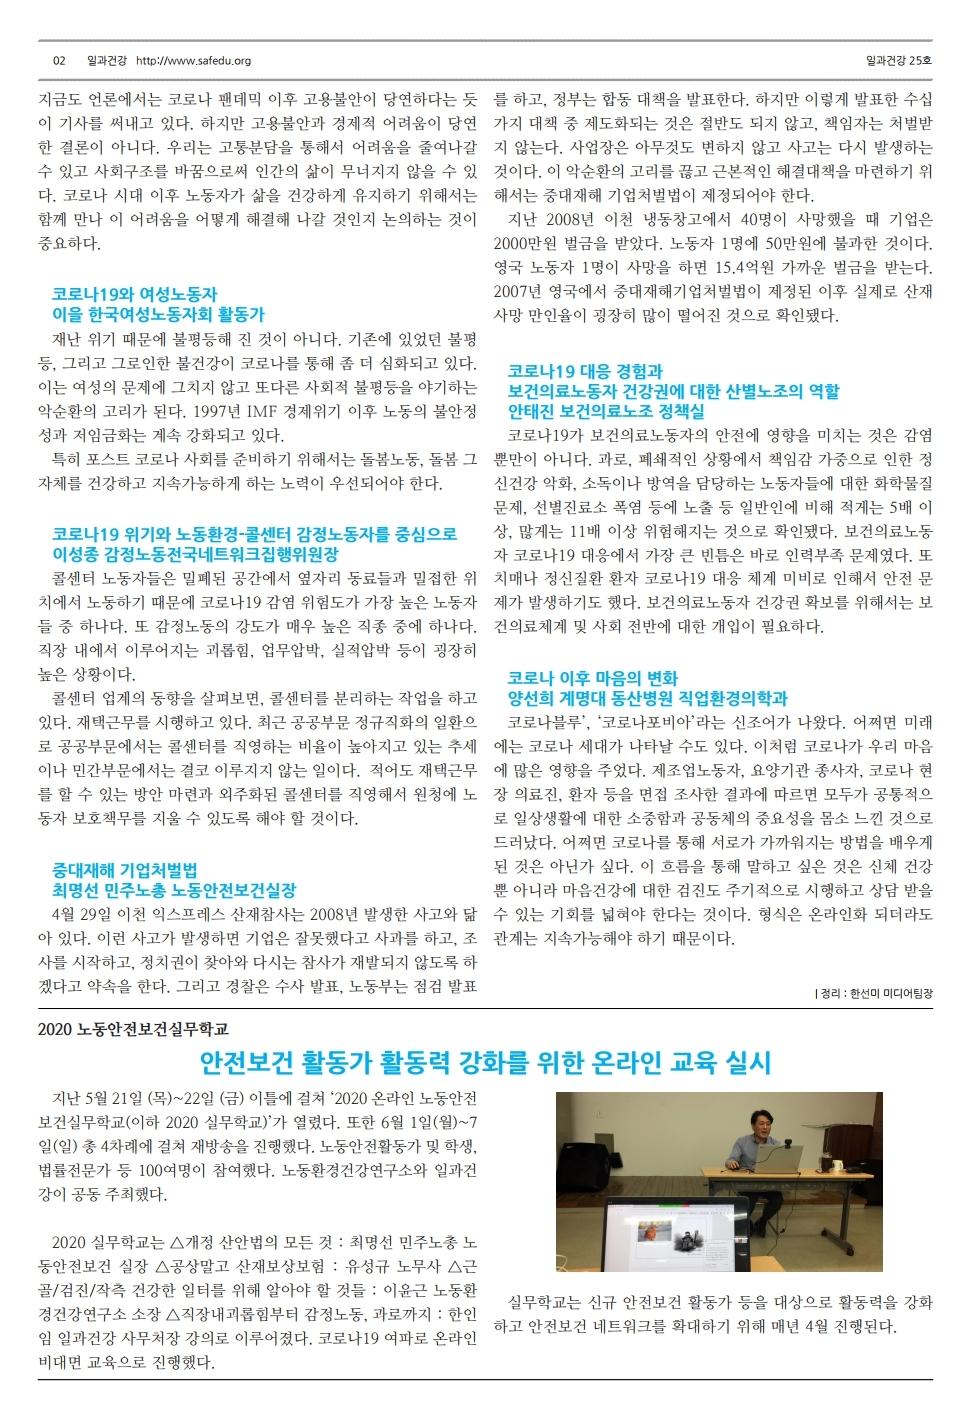 일과건강 소식지 25.pdf_page_2.jpg